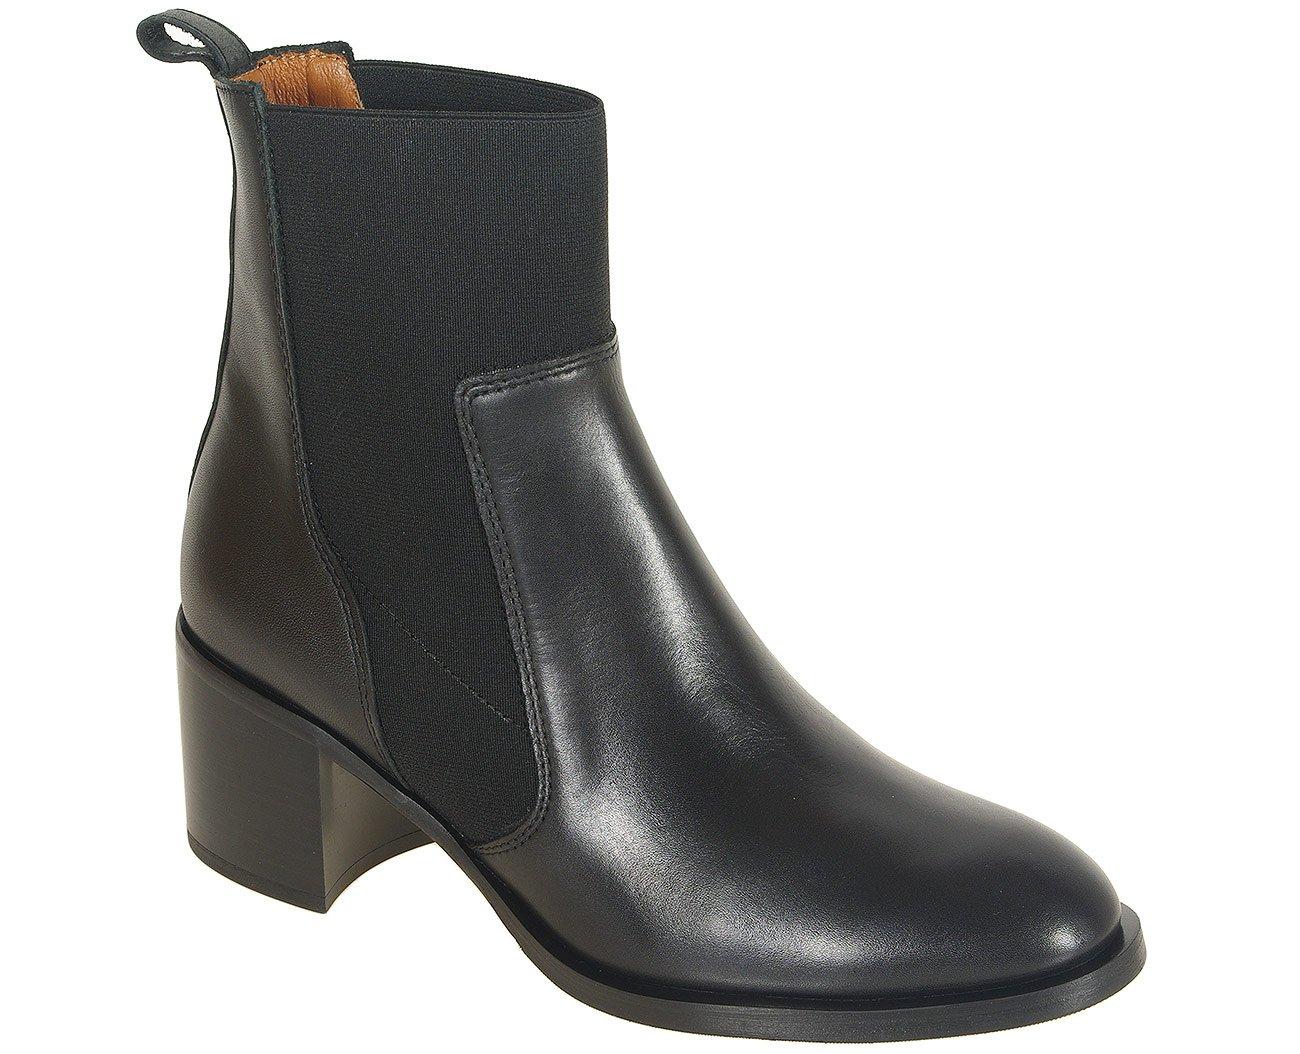 Solo Femme 24702 botki czarny